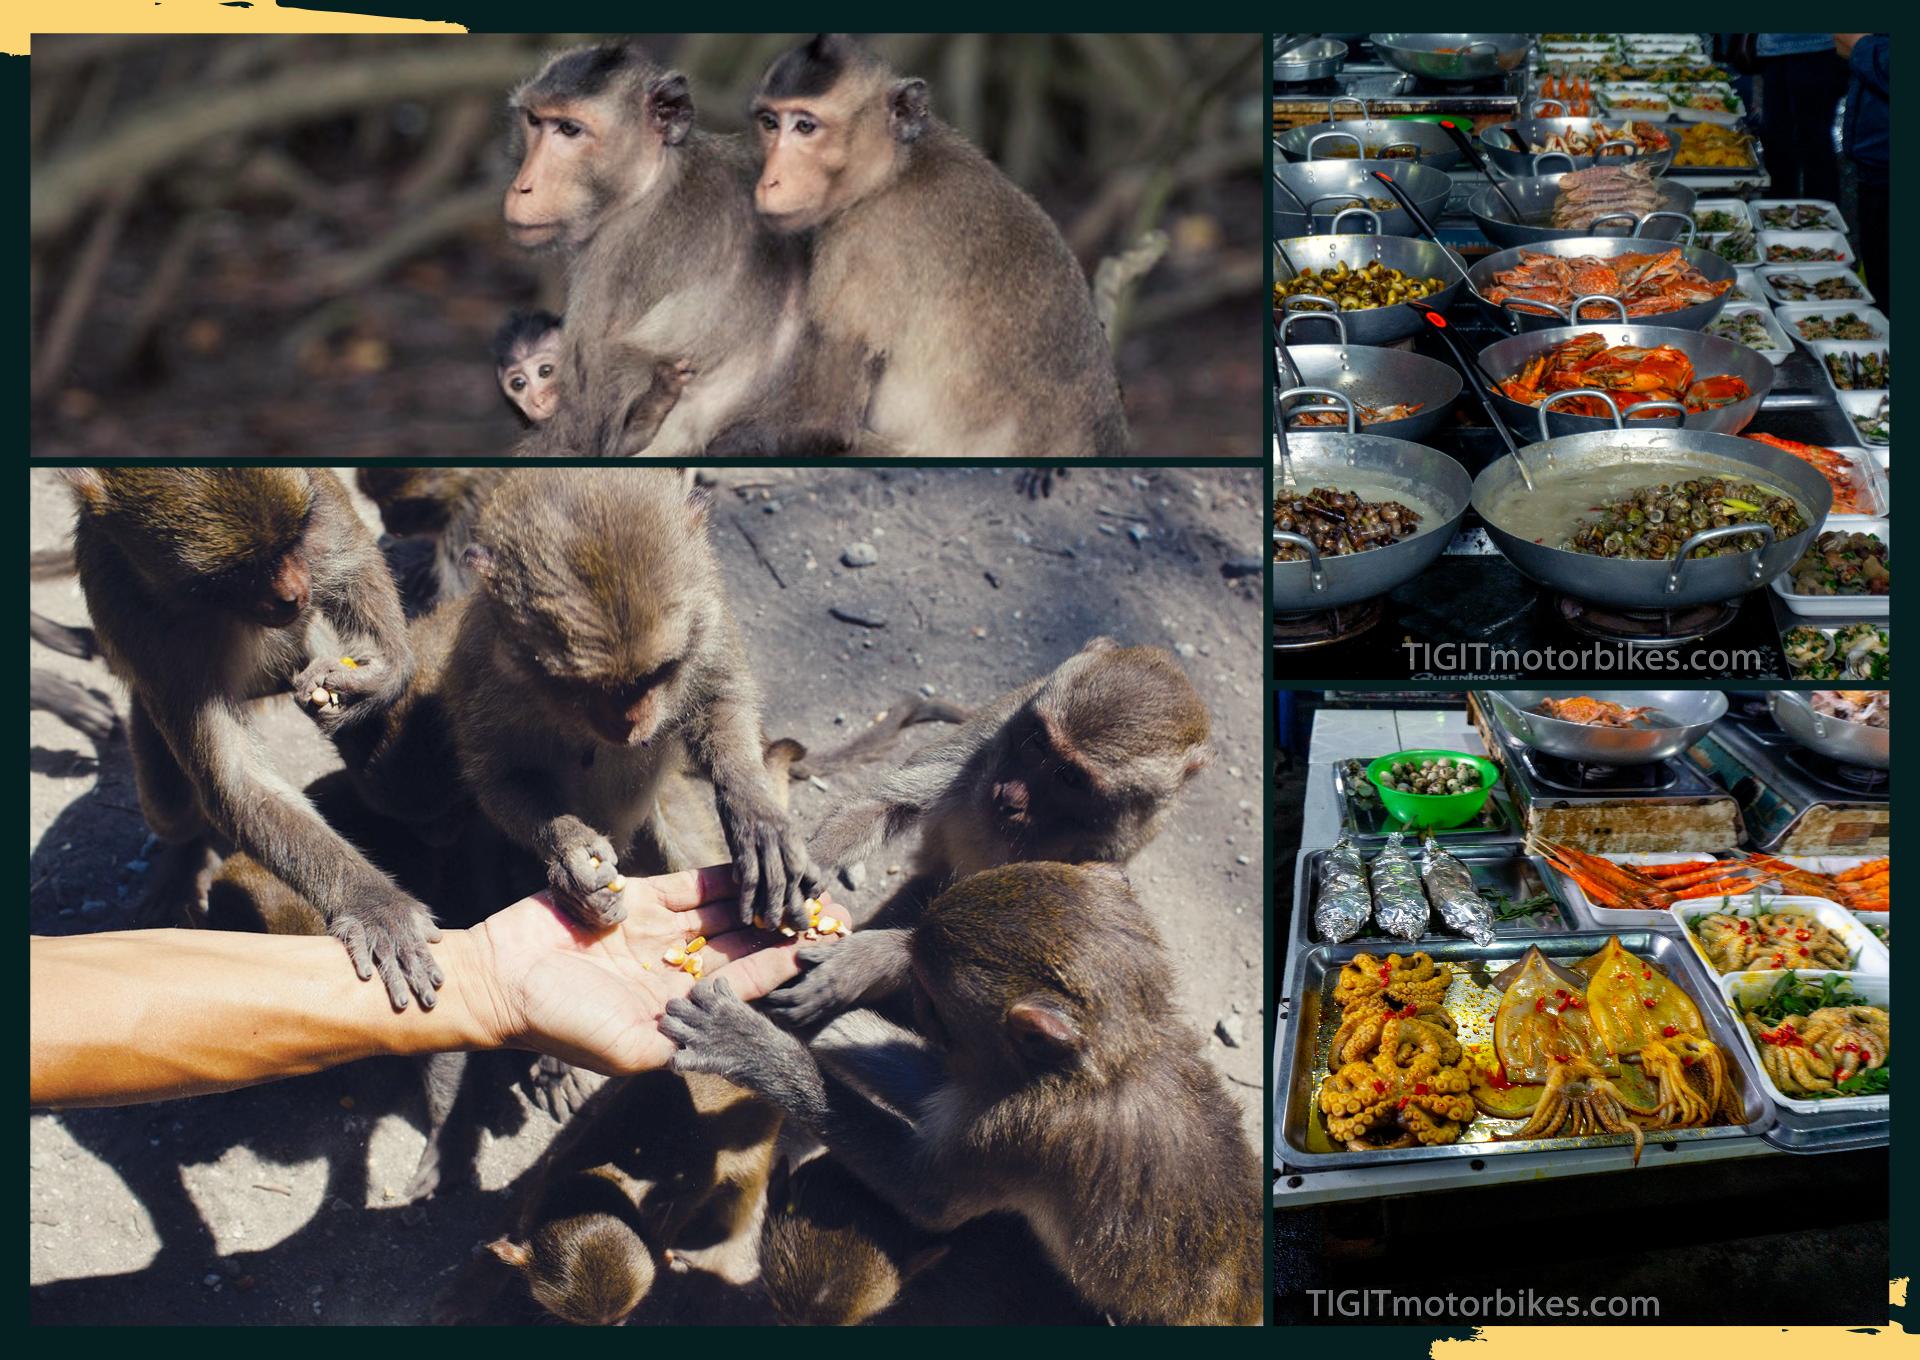 food and monkey 1